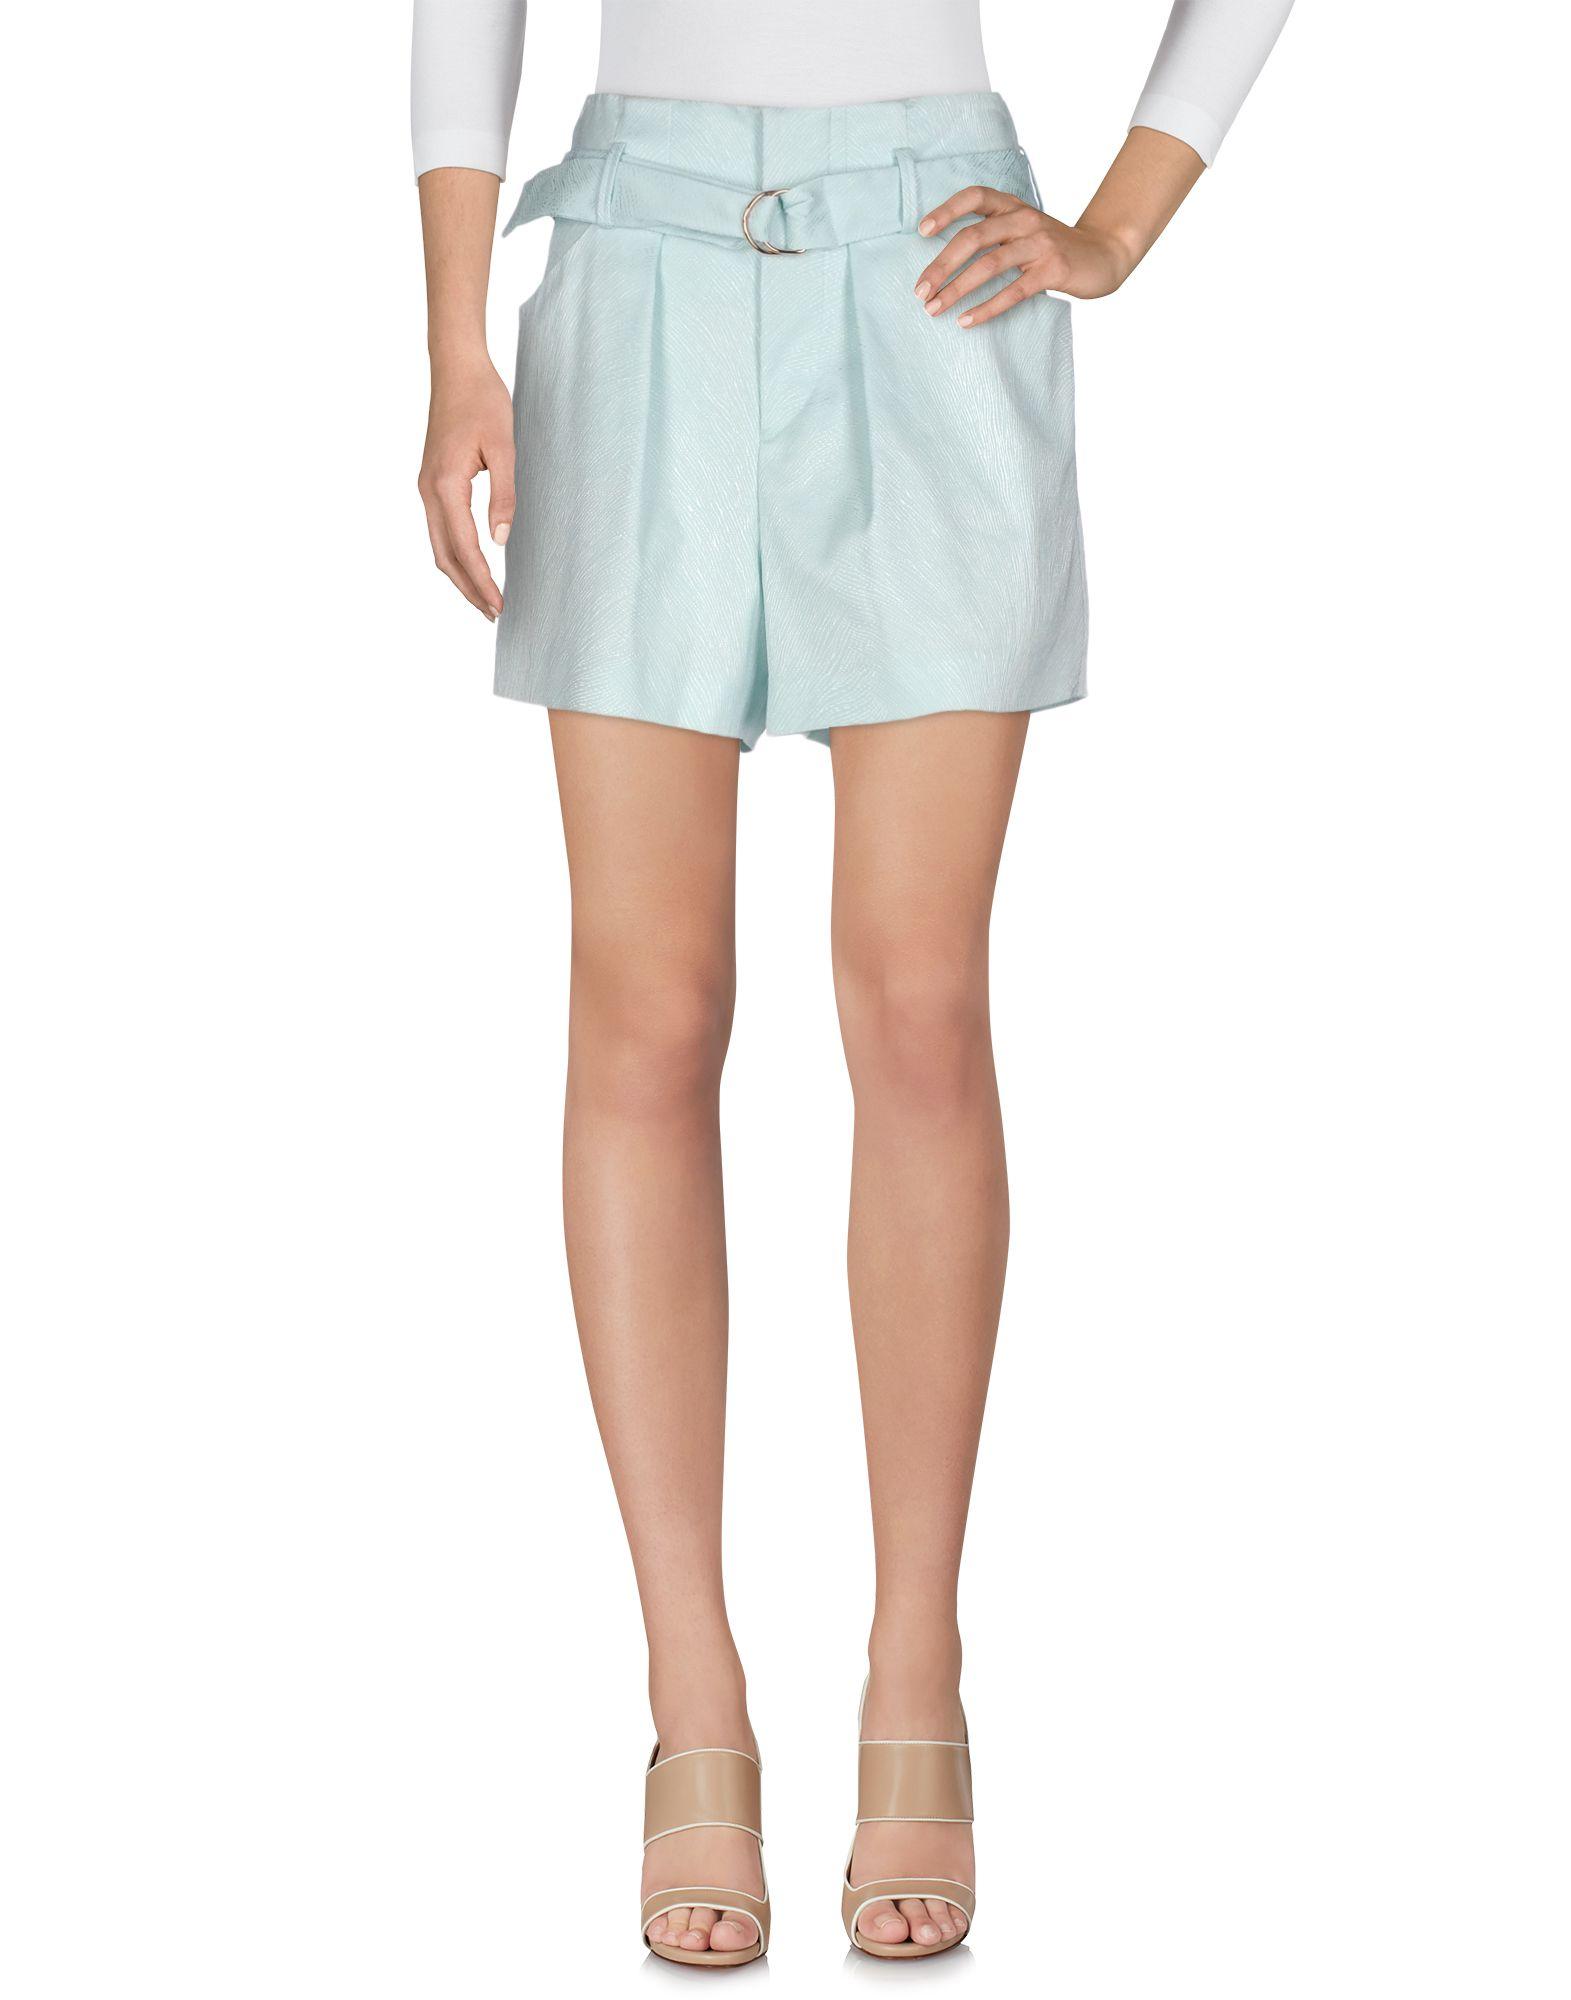 Shorts Blumarine Donna - Acquista online su 96KiWIK